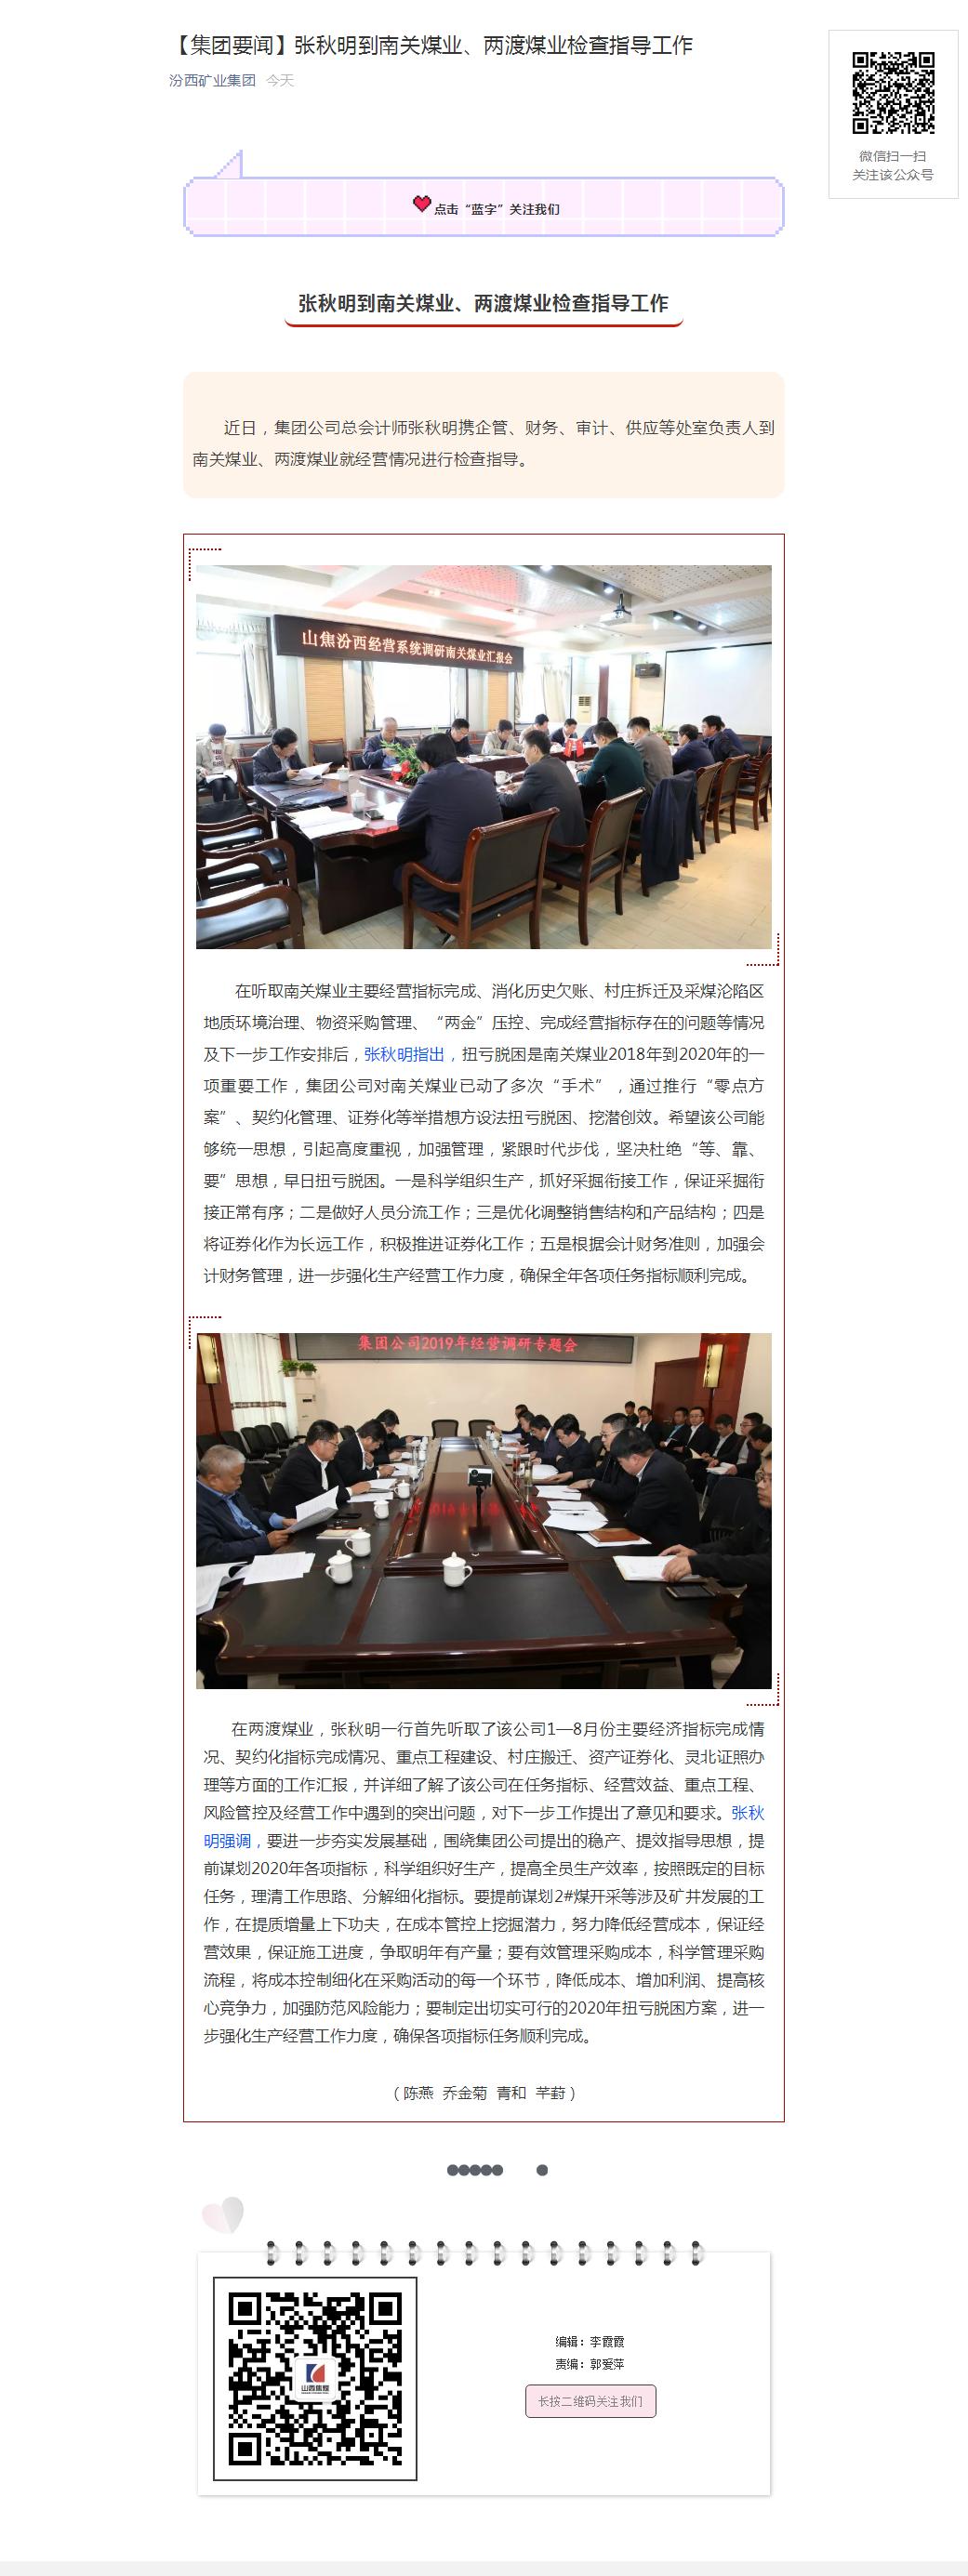 张秋明到南关煤业、两渡煤业检查指导工作.png